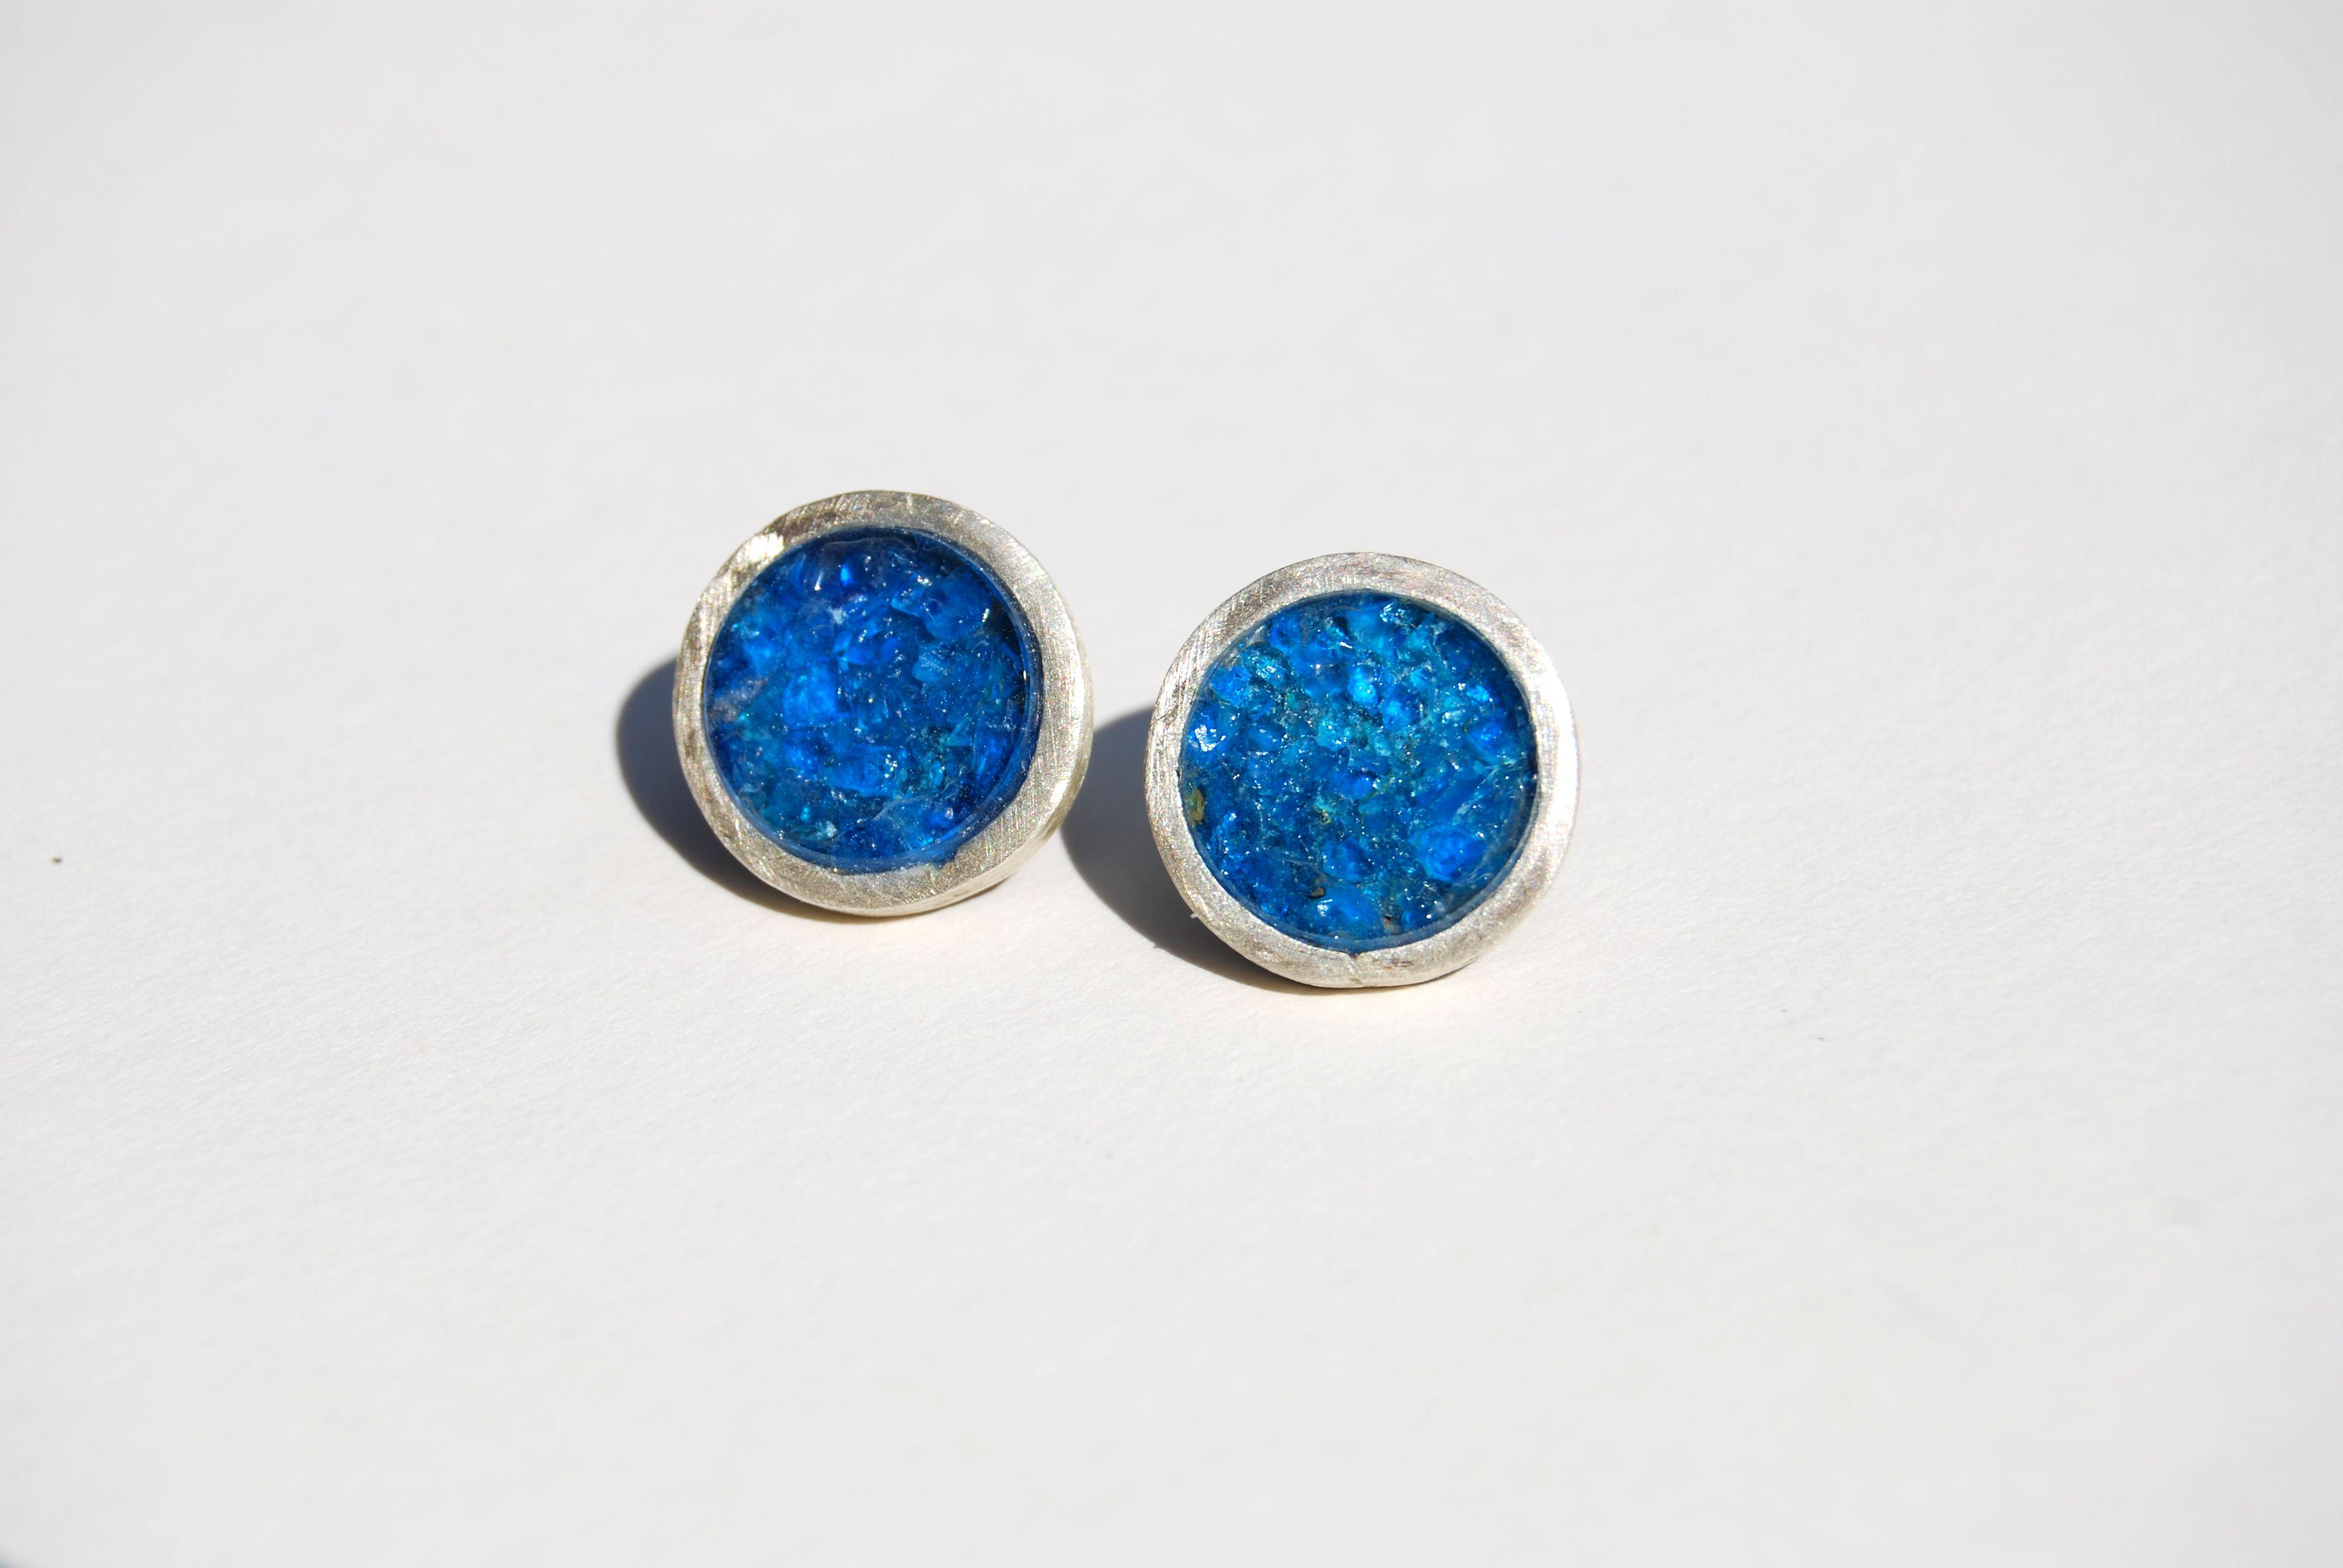 Steven Bradley: Copper Sulphate Stud earrings - silver